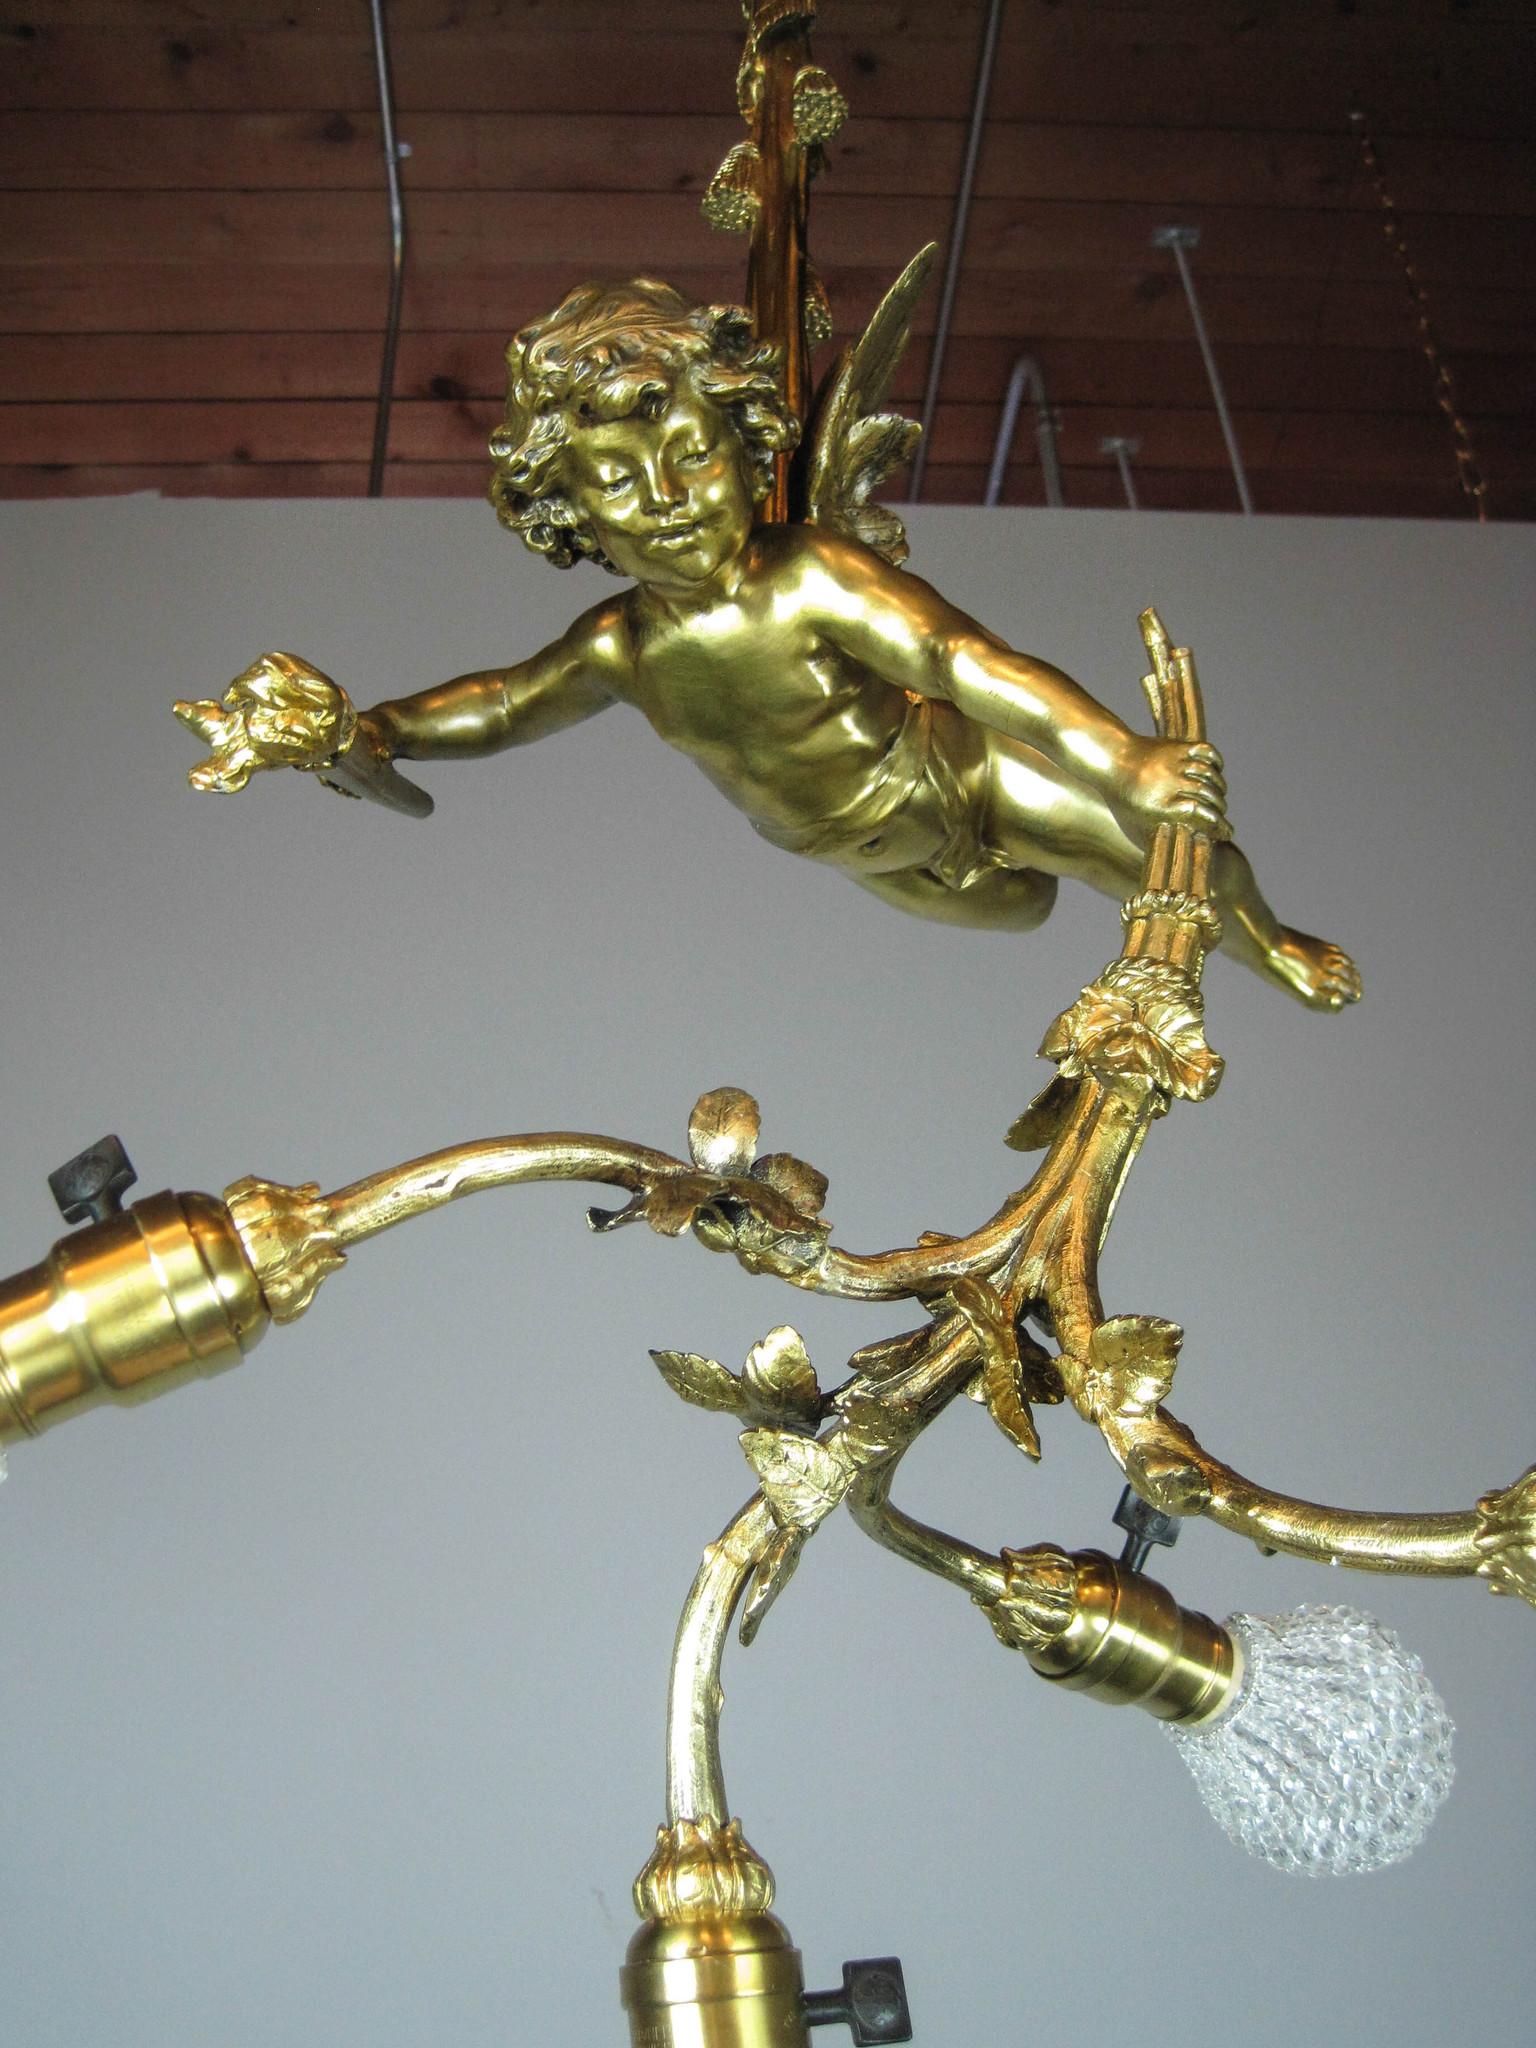 Golden Cherub Figural Light Fixture 4 Light